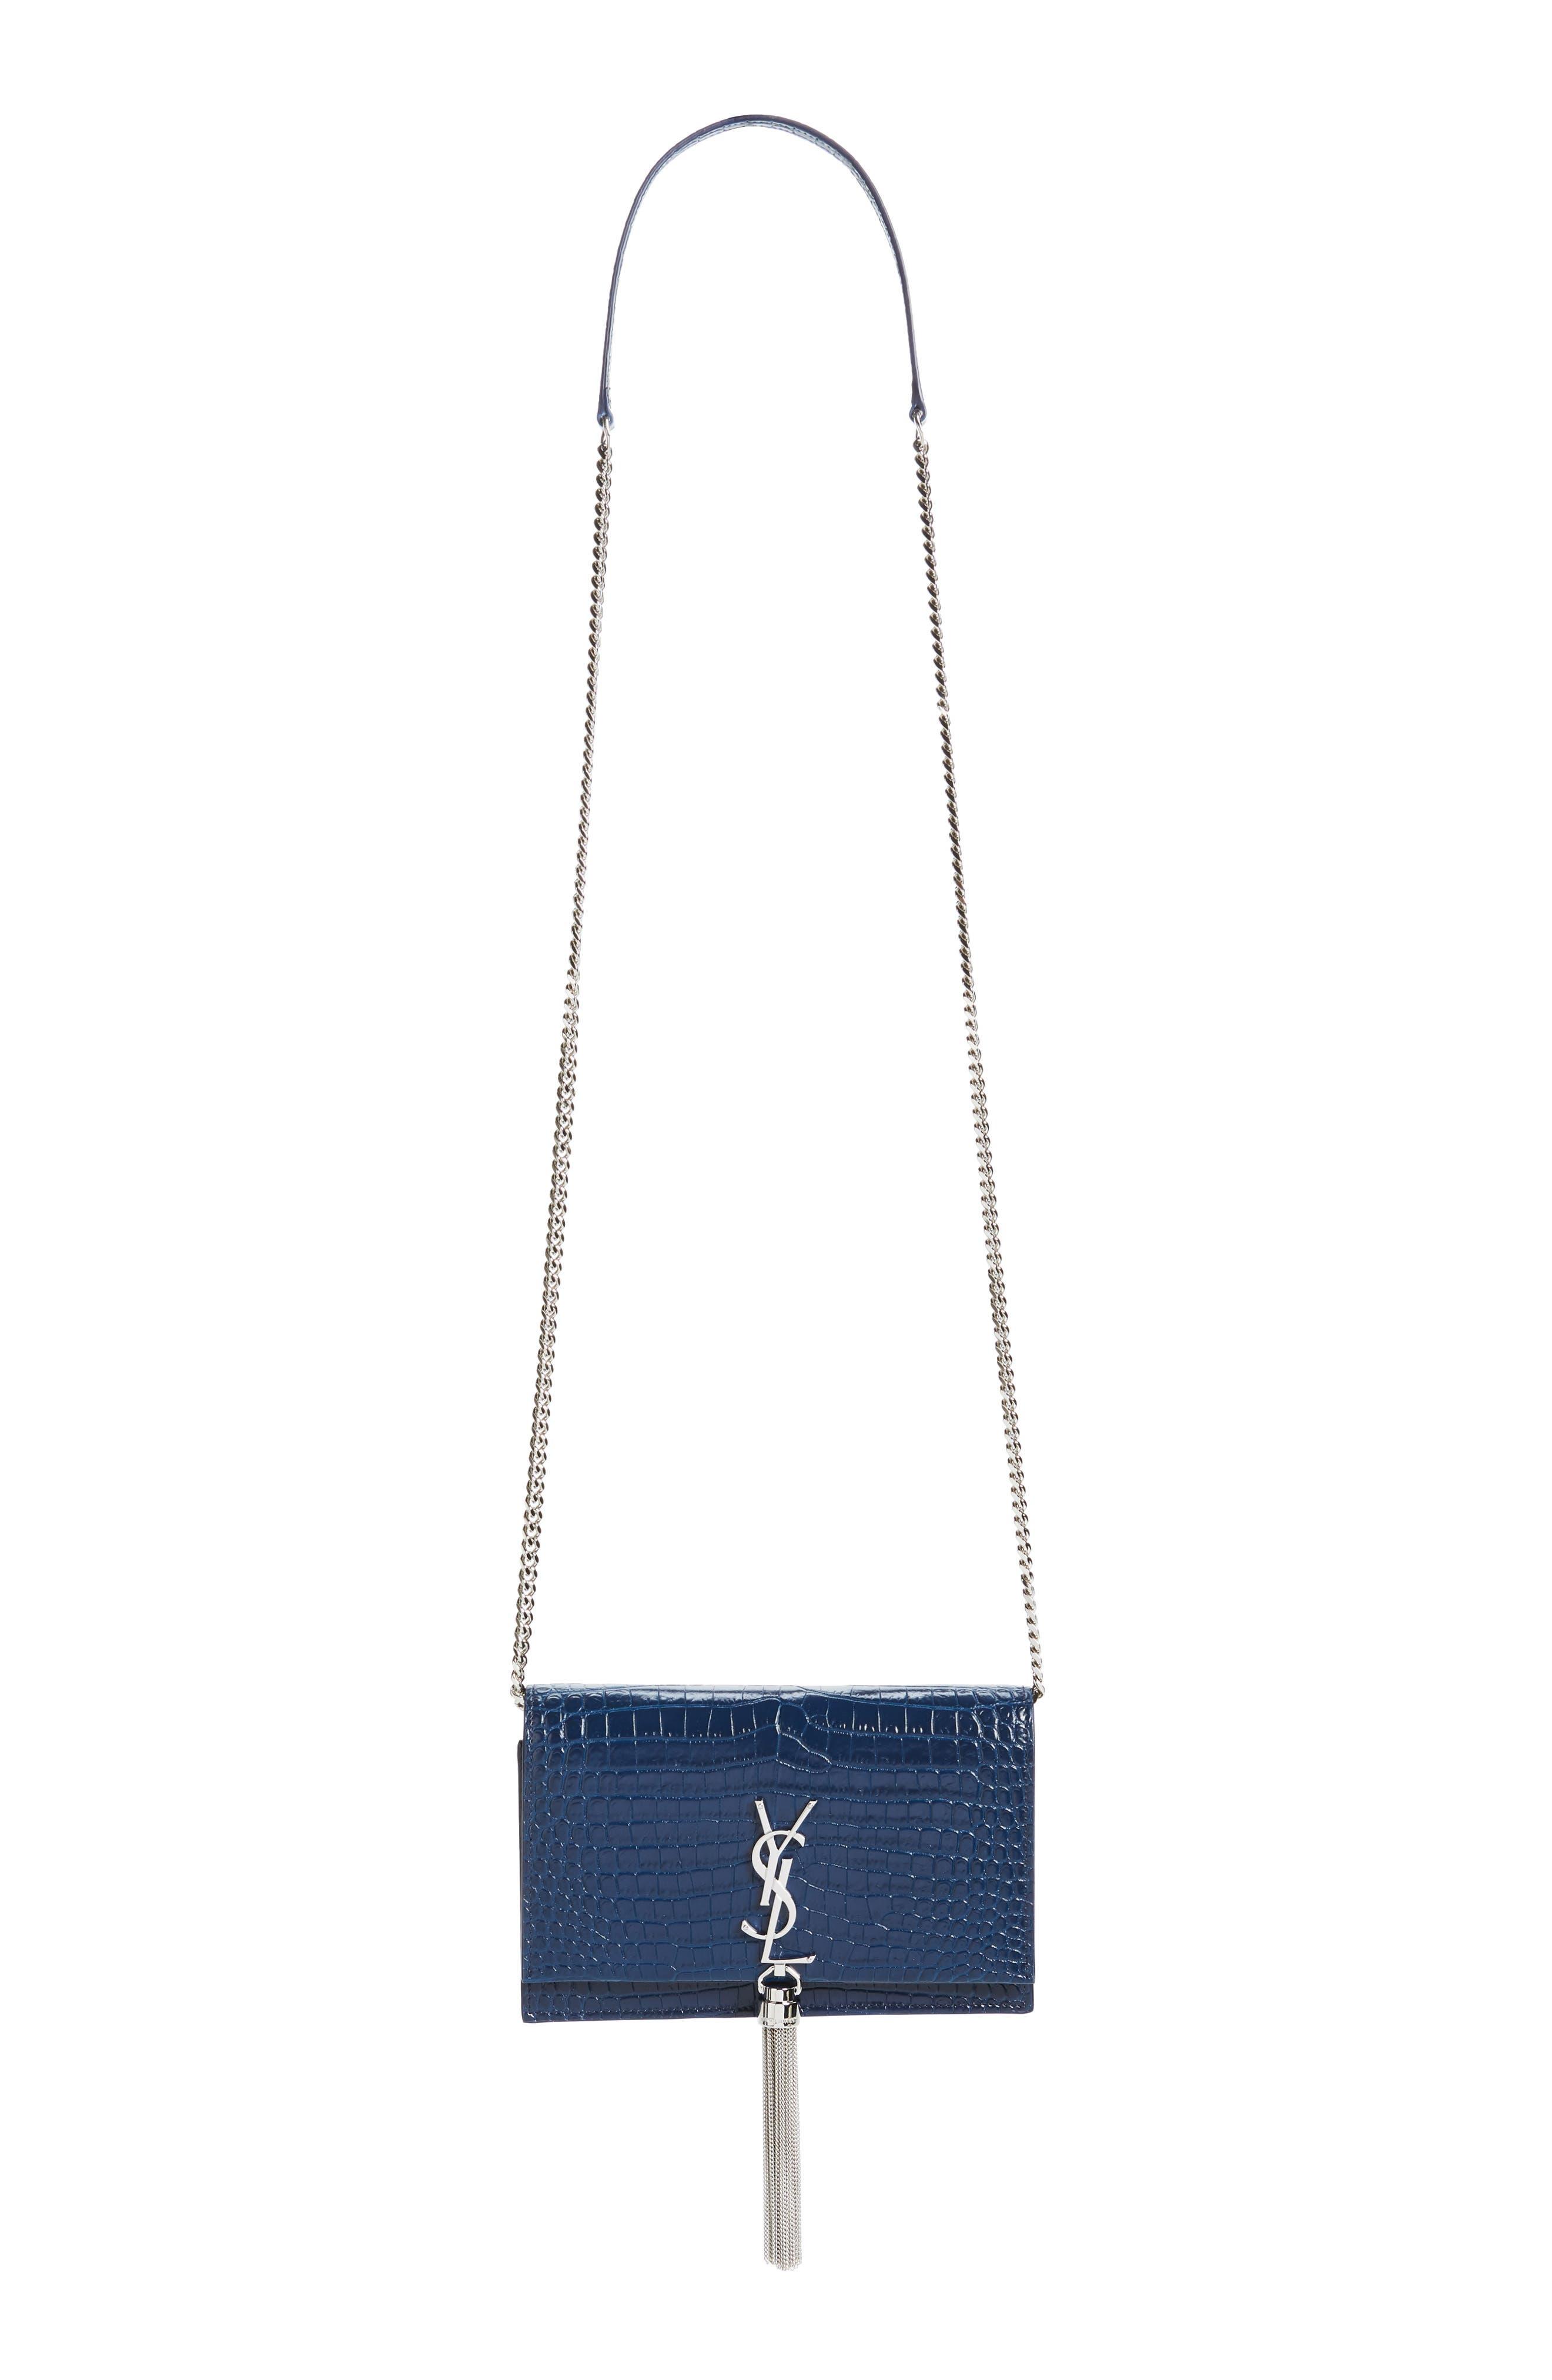 SAINT LAURENT, Kate Croc Embossed Leather Wallet on a Chain, Alternate thumbnail 2, color, DENIM BLUE/ DENIM BLUE